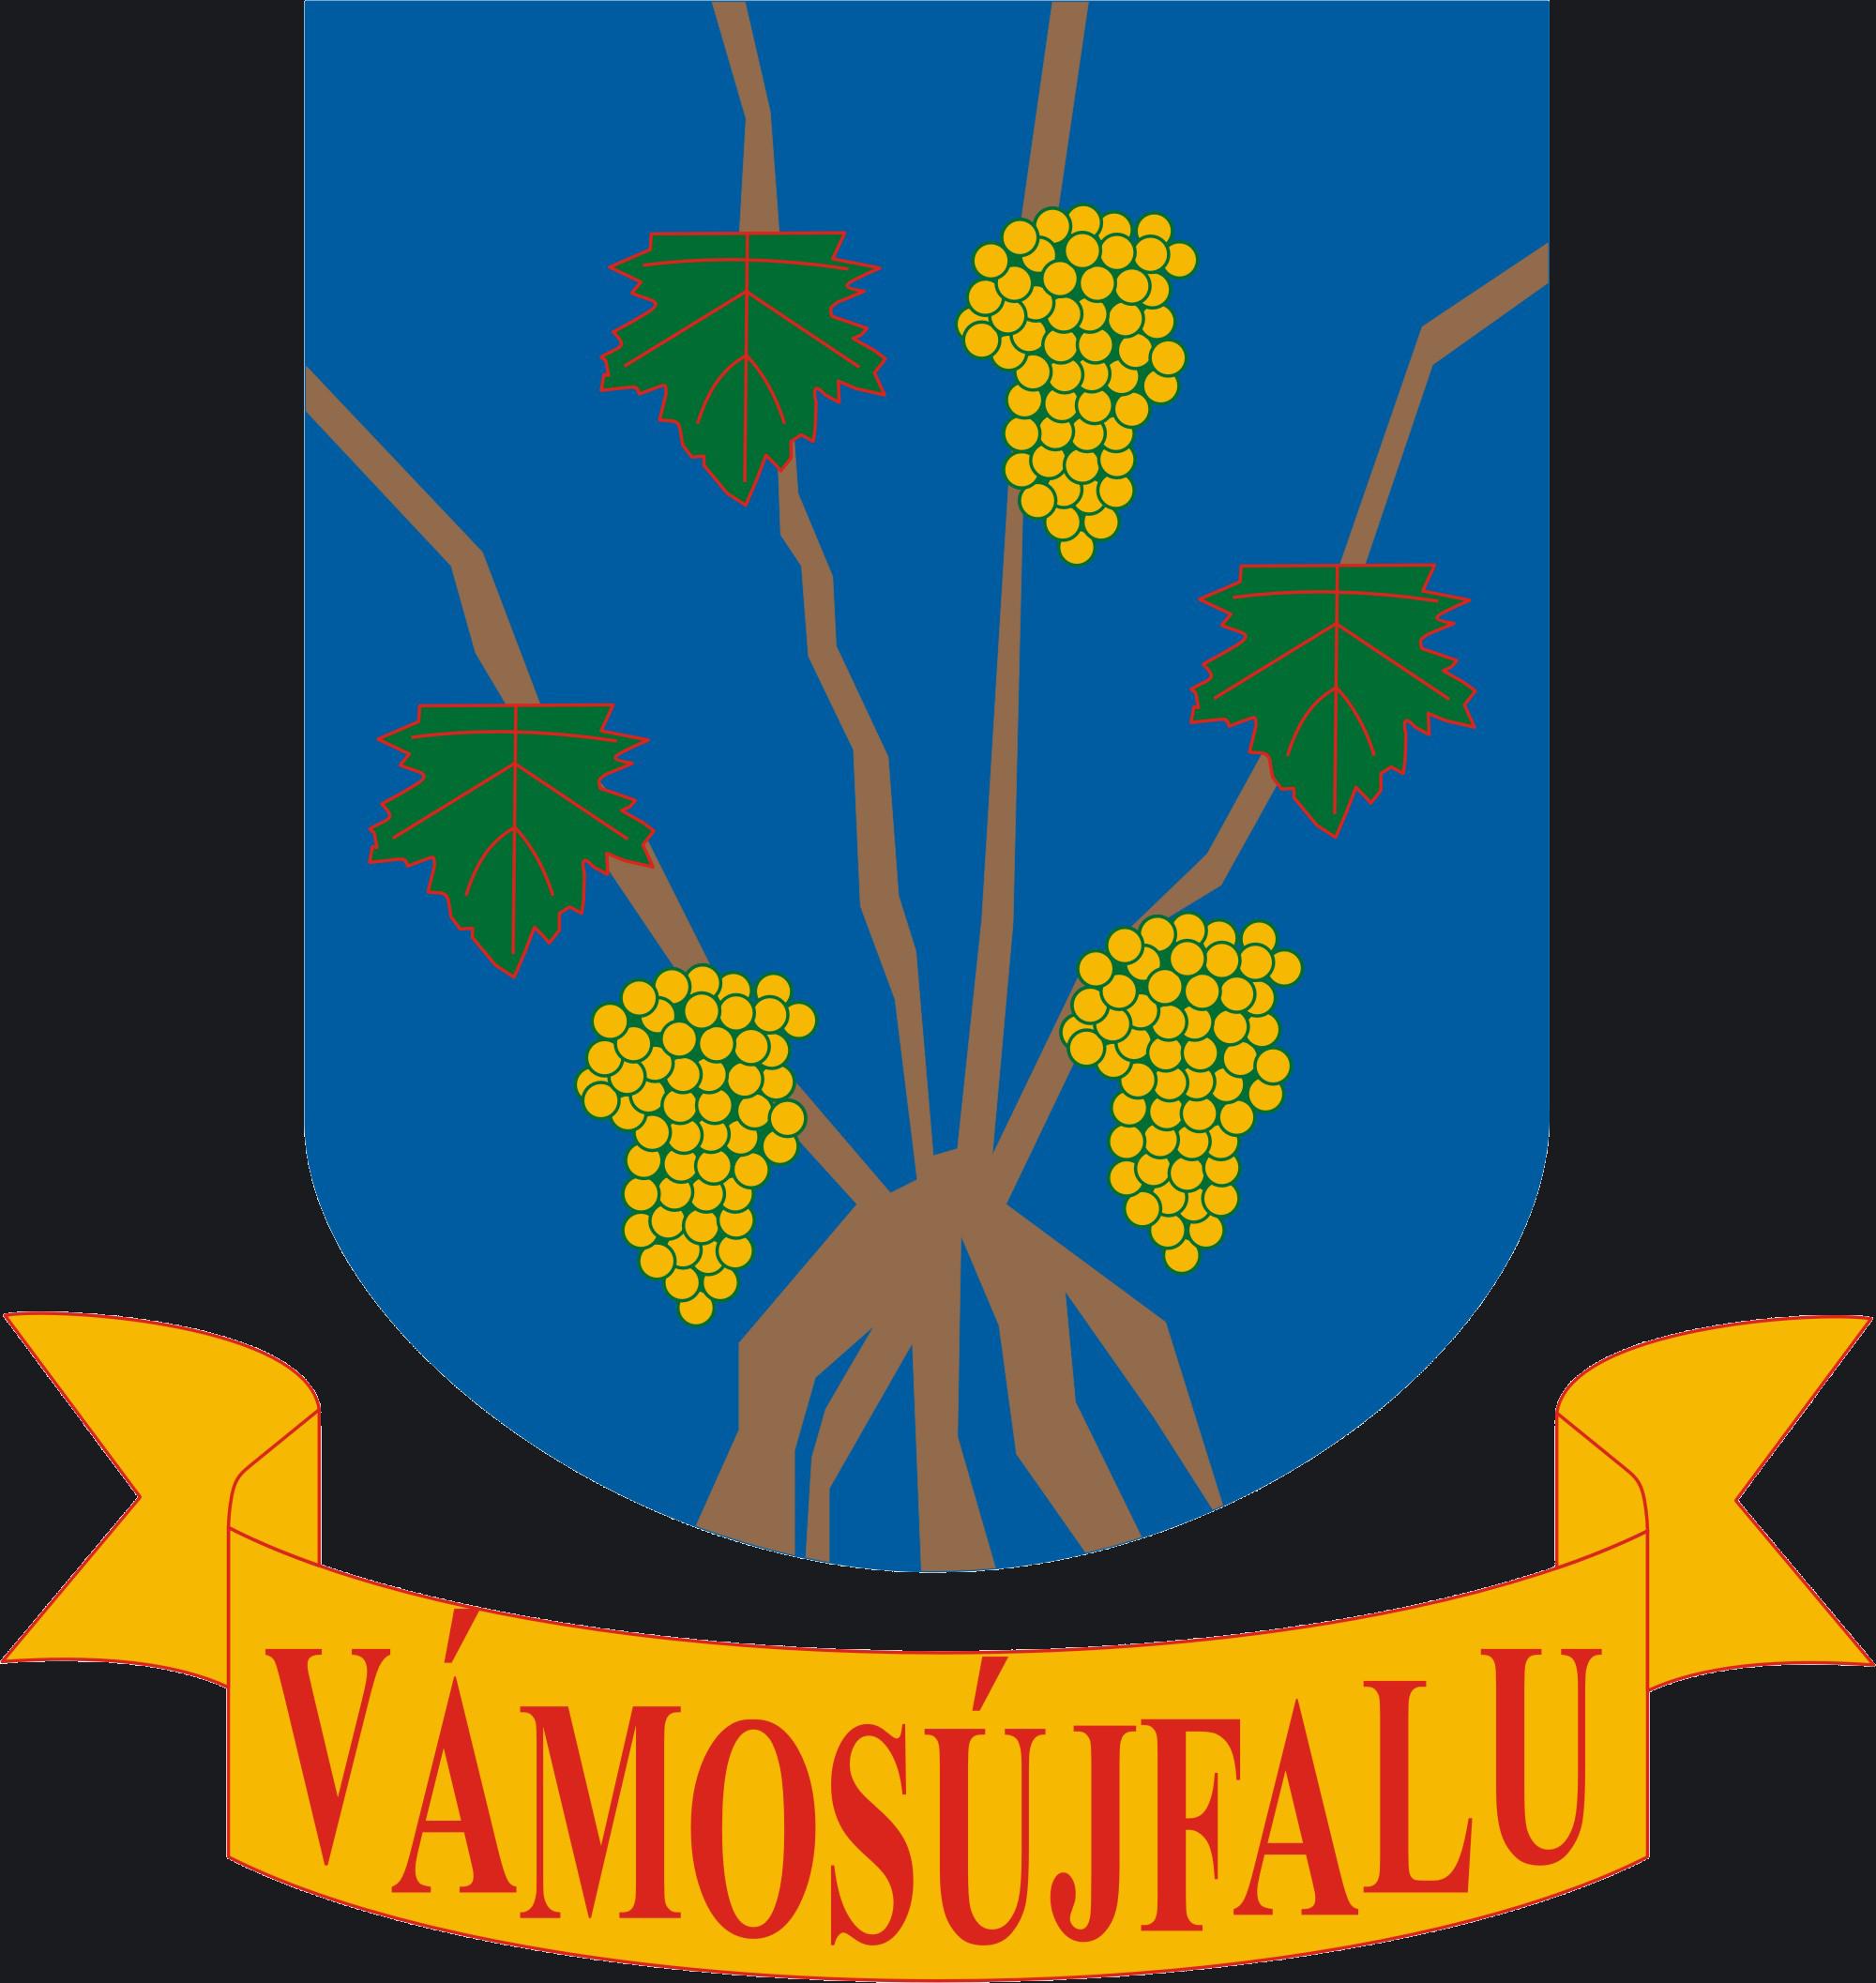 Vamosujfalu